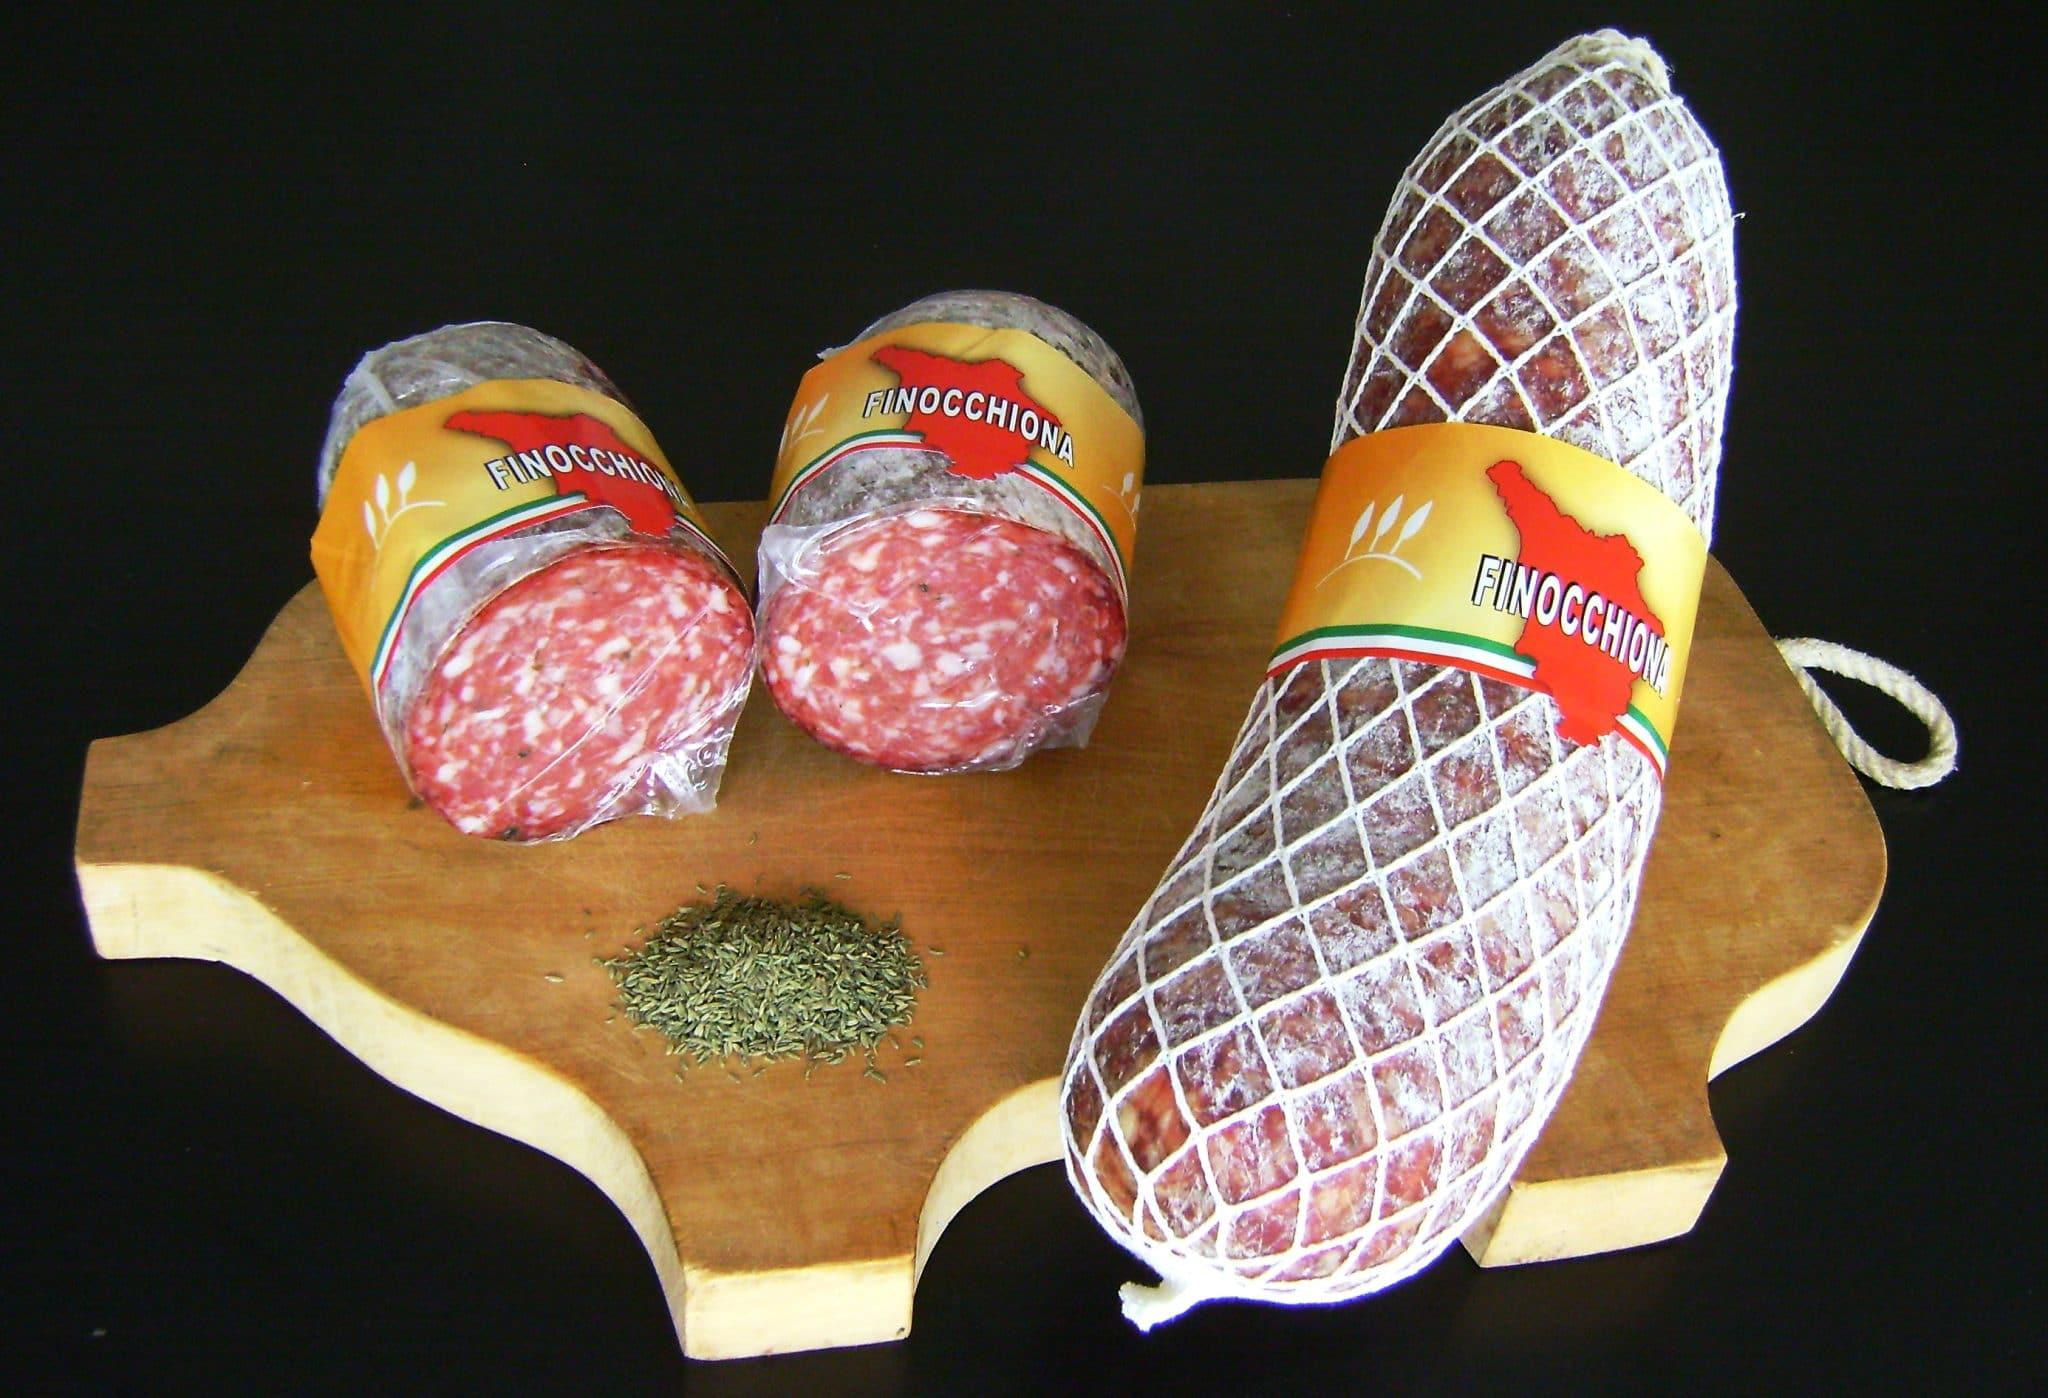 Photo of FIRENZE – in attesa dell'I.G.P., la Finocchiona allo stand dei prodotti tipici della Toscana.